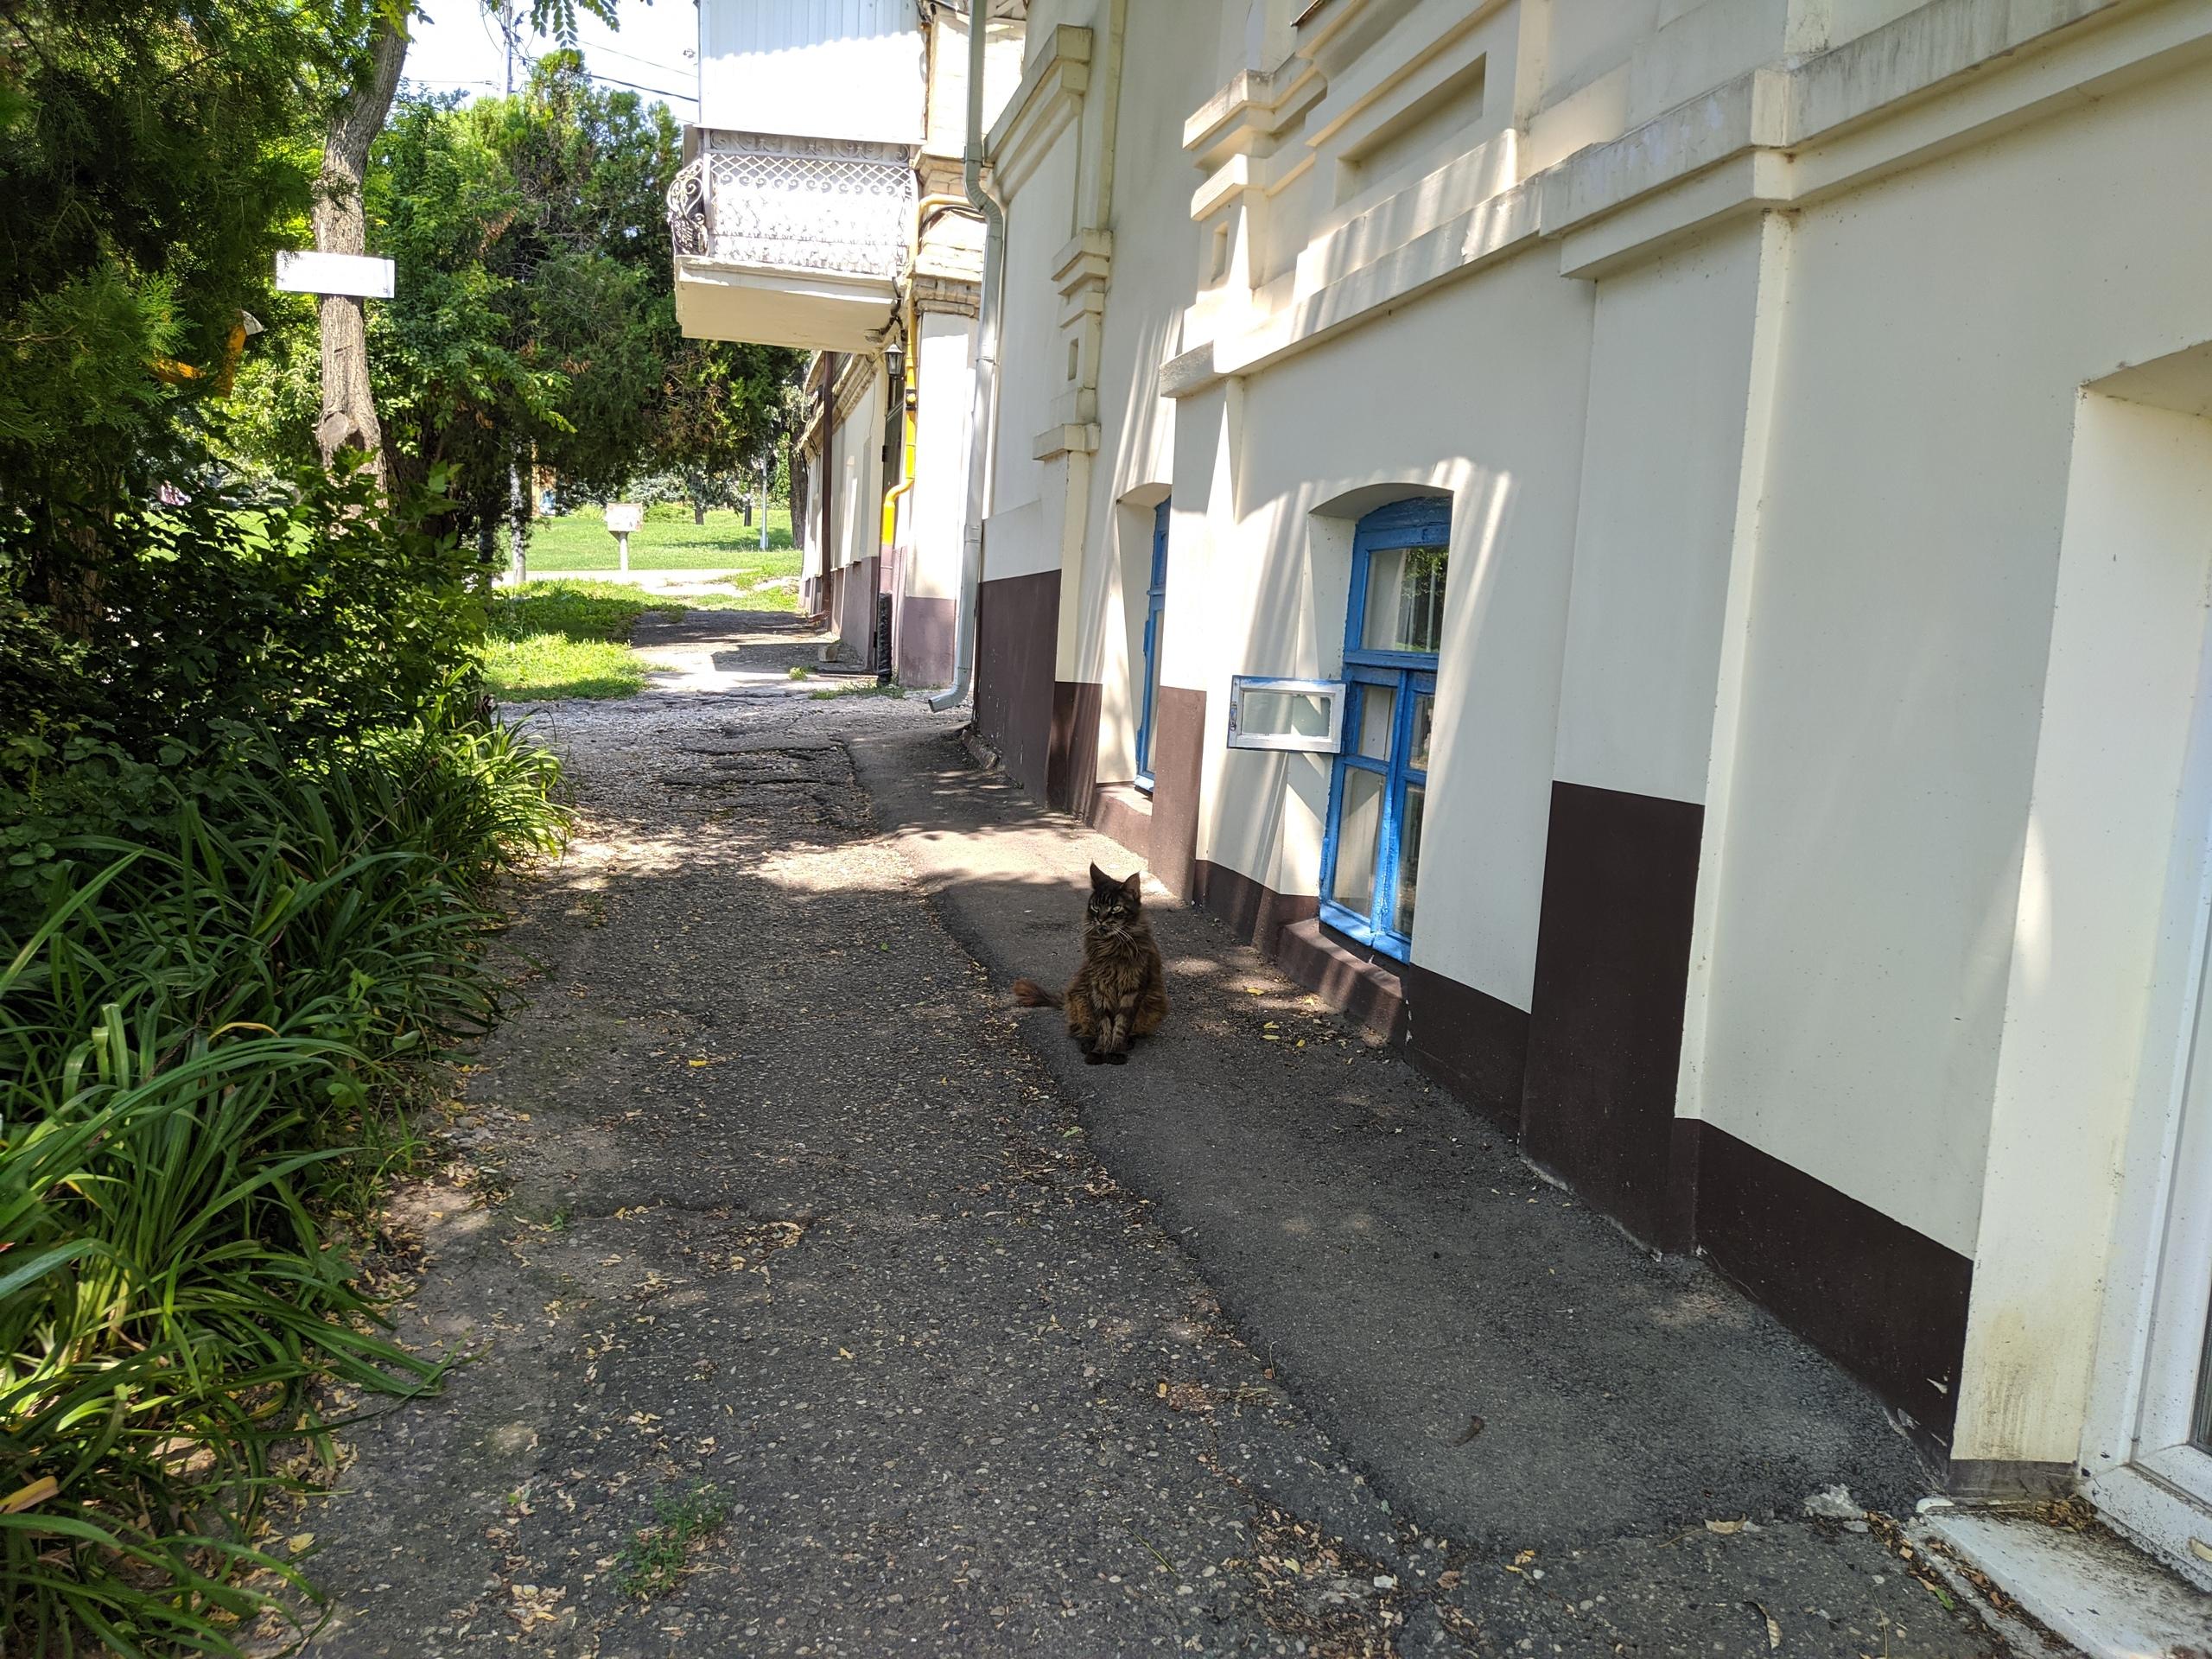 Суровый котик из Пятигорска #котикиебеней - Фото